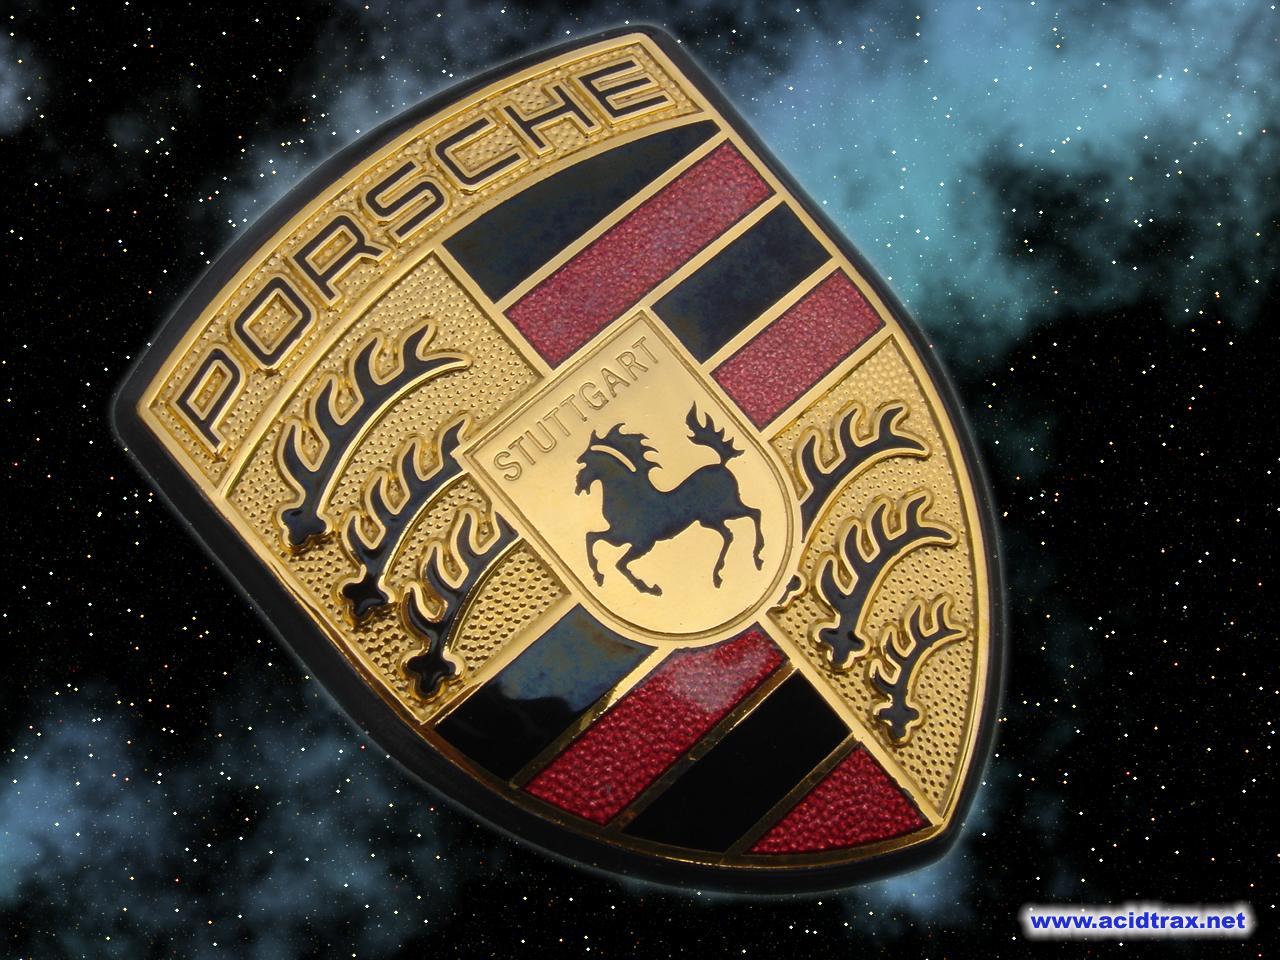 Porsche Logo 2013 Geneva Motor Show 1280x960